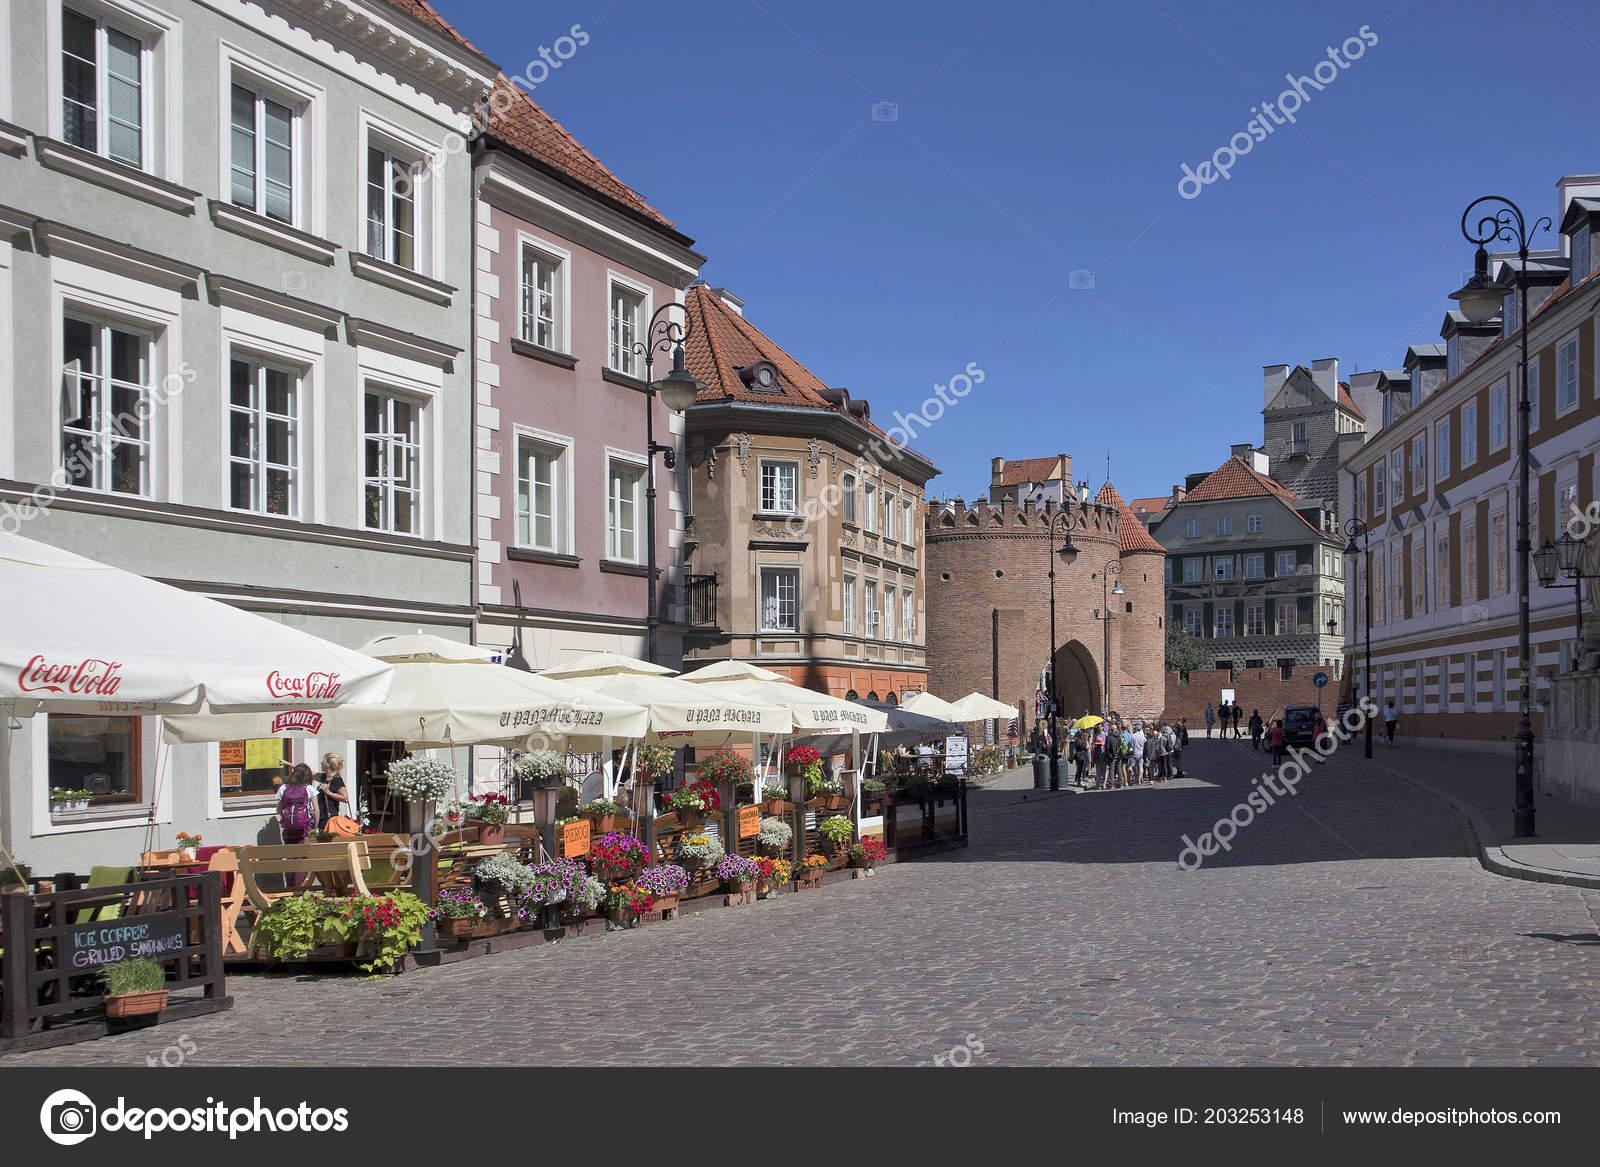 Restaurants In Huizen : Huurkazerne huizen en restaurants op de oude stad market place